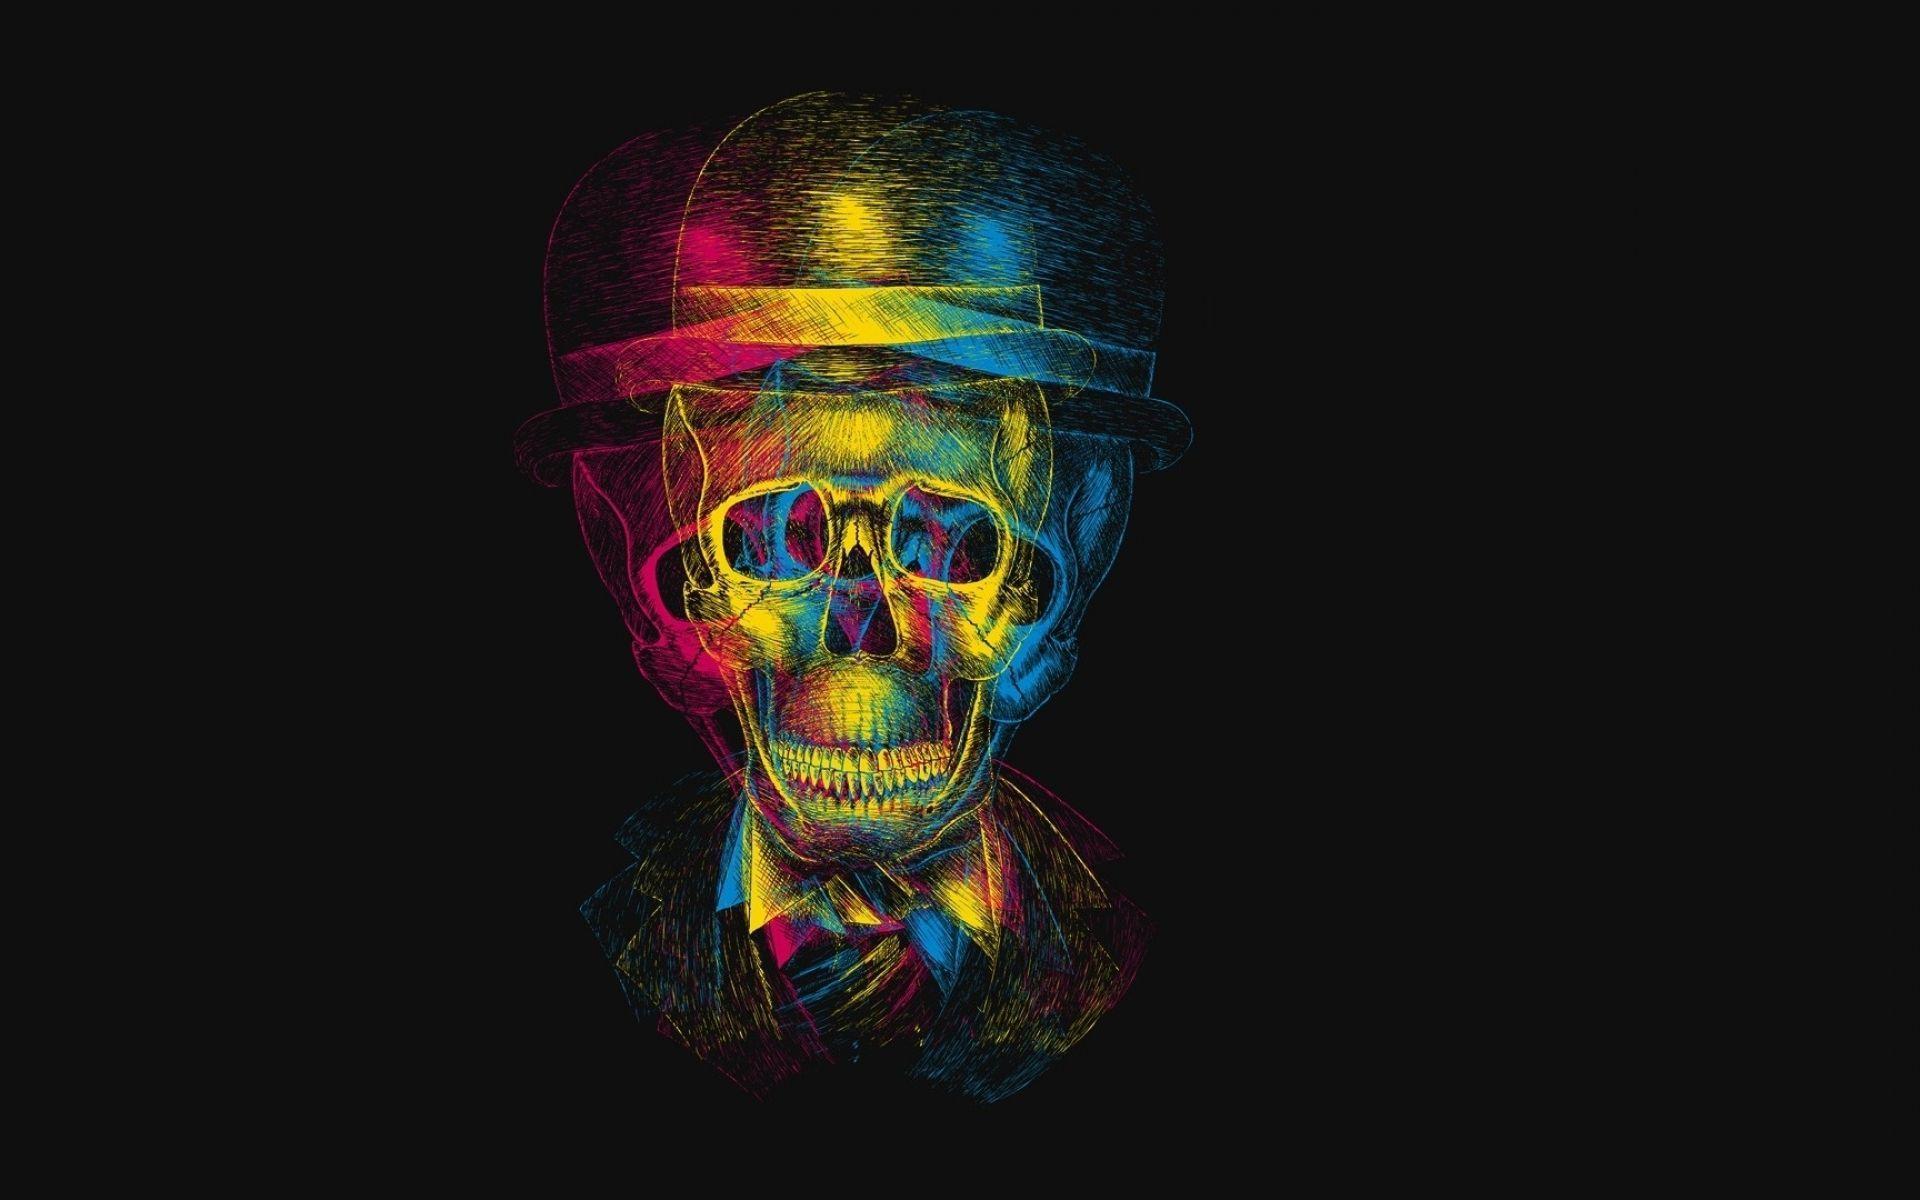 Skull 3d Wallpaper: Skull Wallpaper HD 1080p